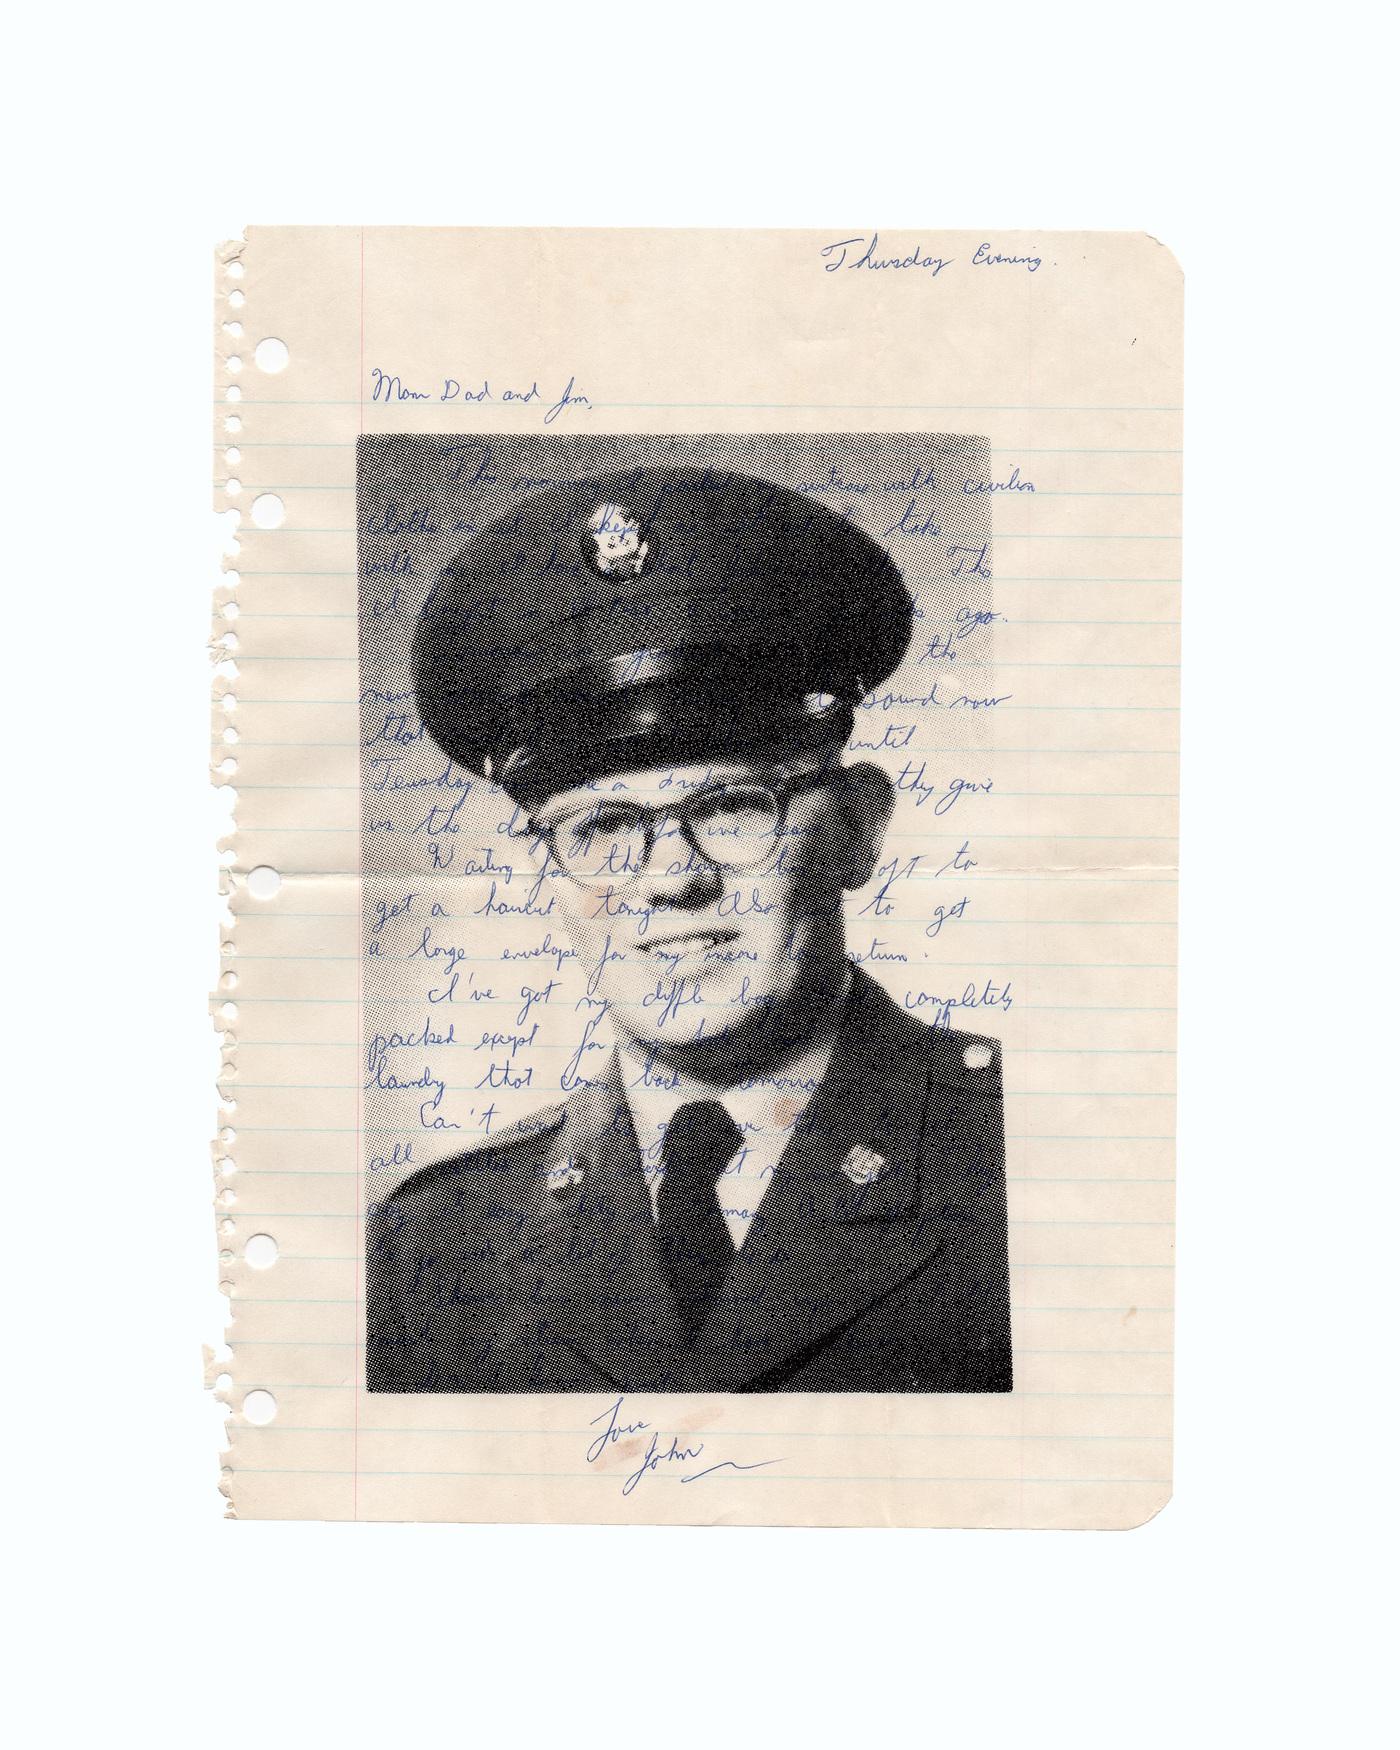 Brian Garbrecht - Love, John 2021. Screen Printed Photograph on Handwritten Letter.